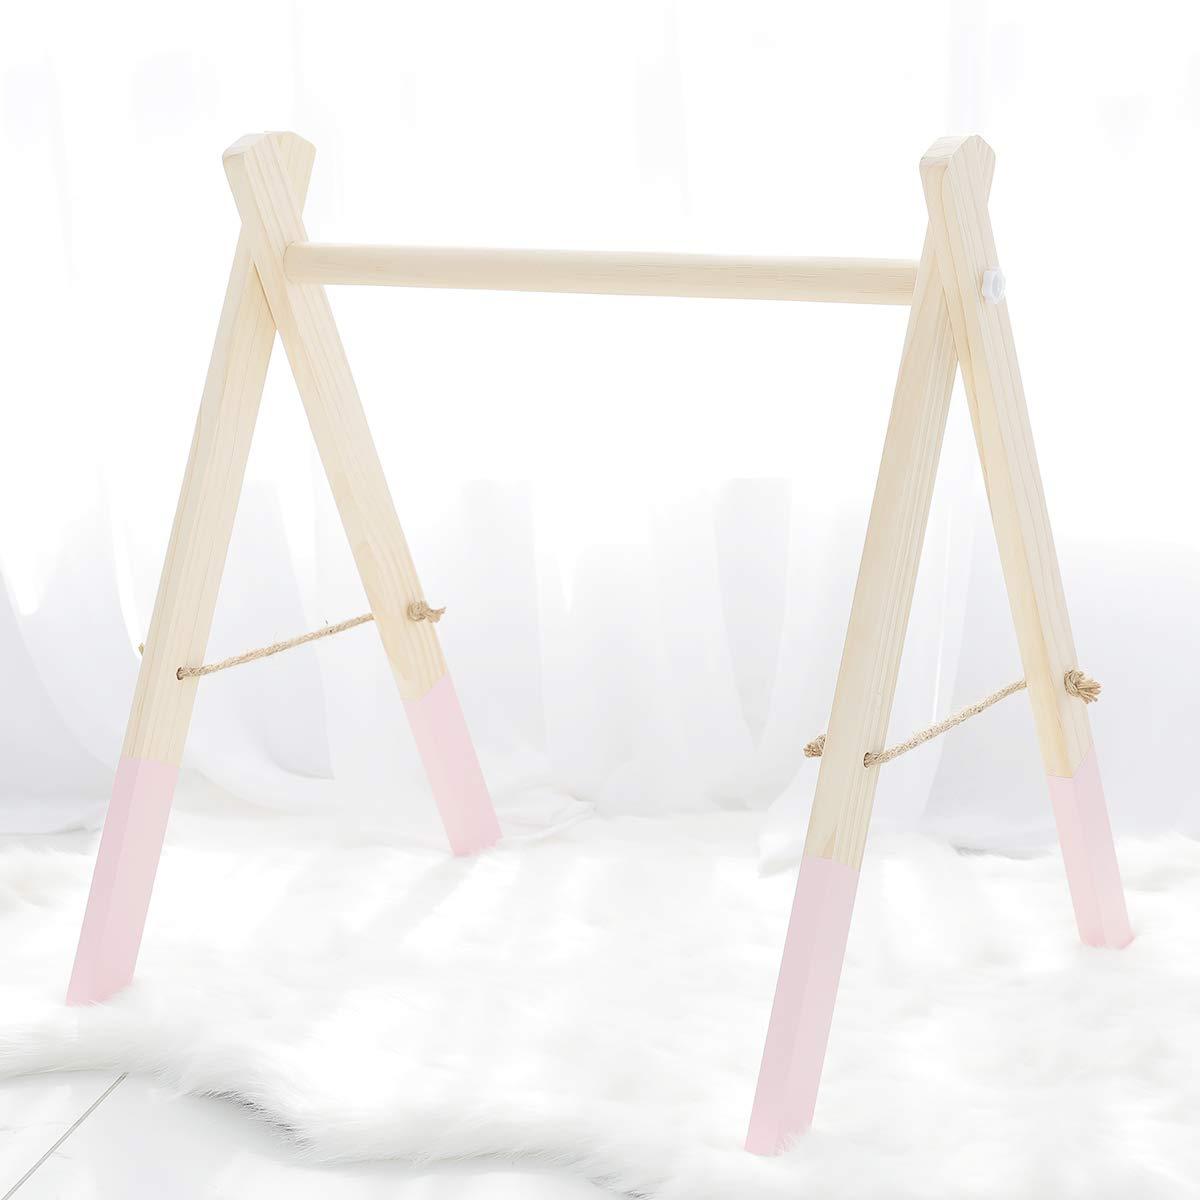 Mamimami Home Hölzernes Kleinkindspielzeug Aktivität Gym Spielzeug Zubehör Baby Spielzeug Montessori Nursery Dekor Sensorisch Charms Baby Gym mit oder ohne Gym Spielzeug